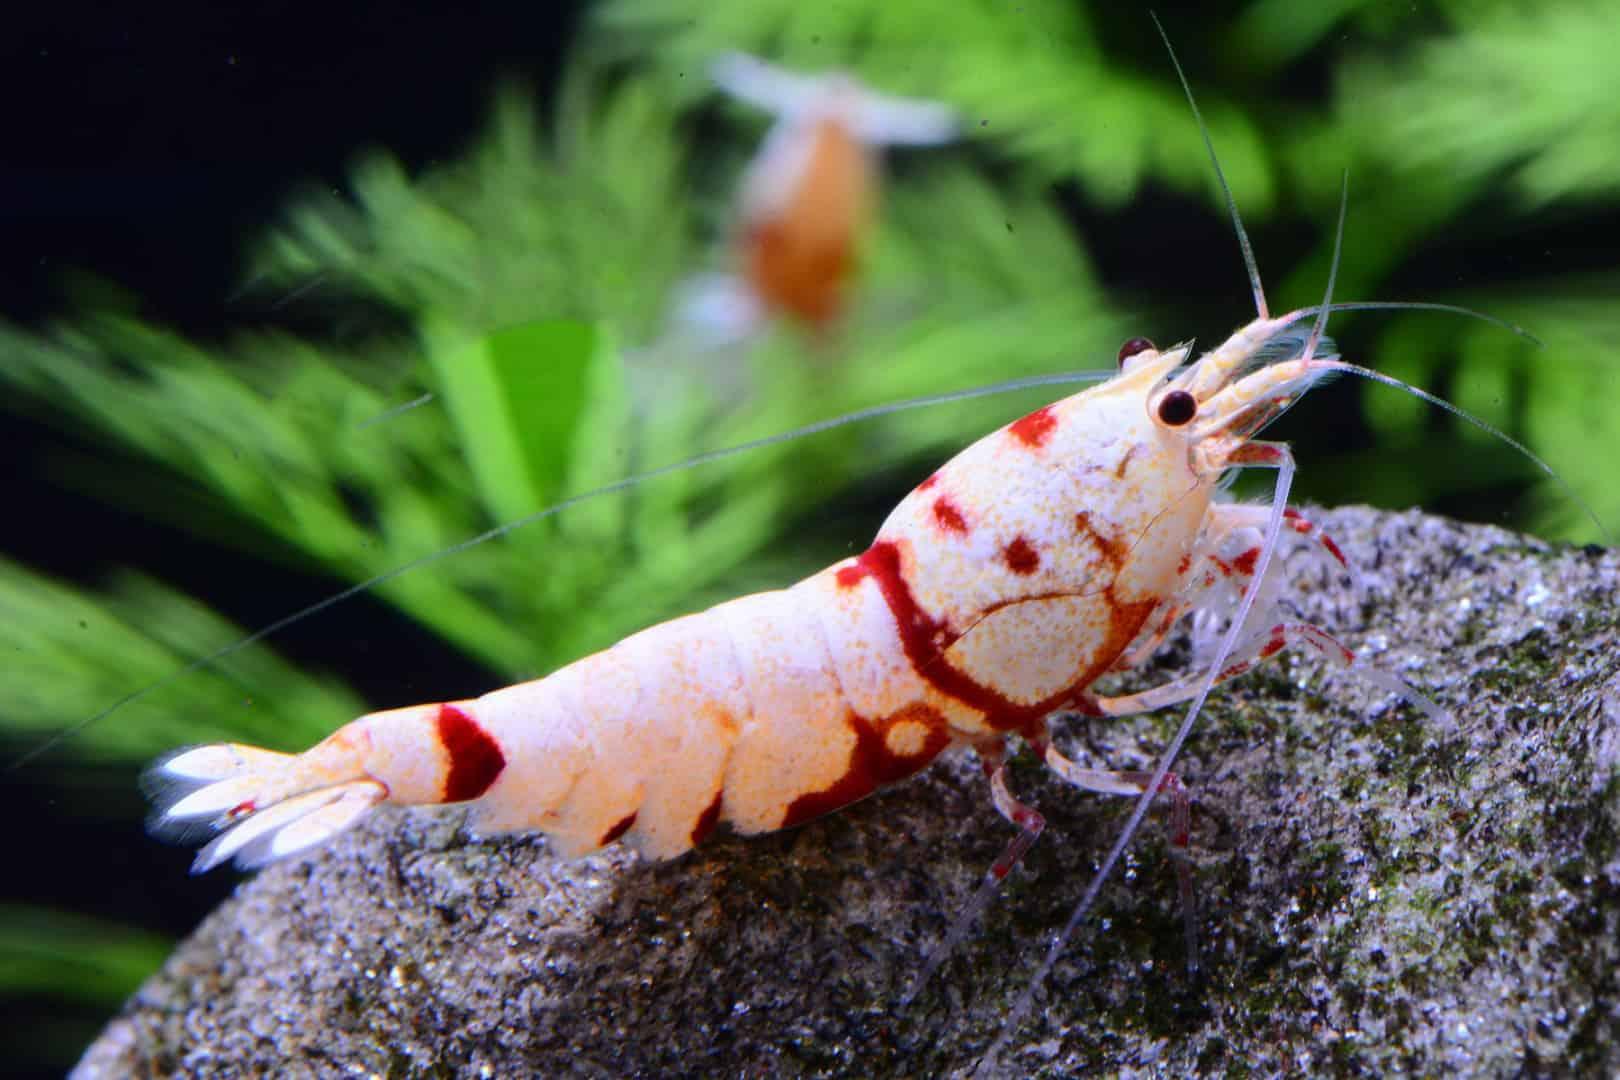 275: Trends in der Wirbellosen-Szene - Was gibt es Neues bei Garnelen, Krebsen und Schnecken? (Farschad Farhadi) 4